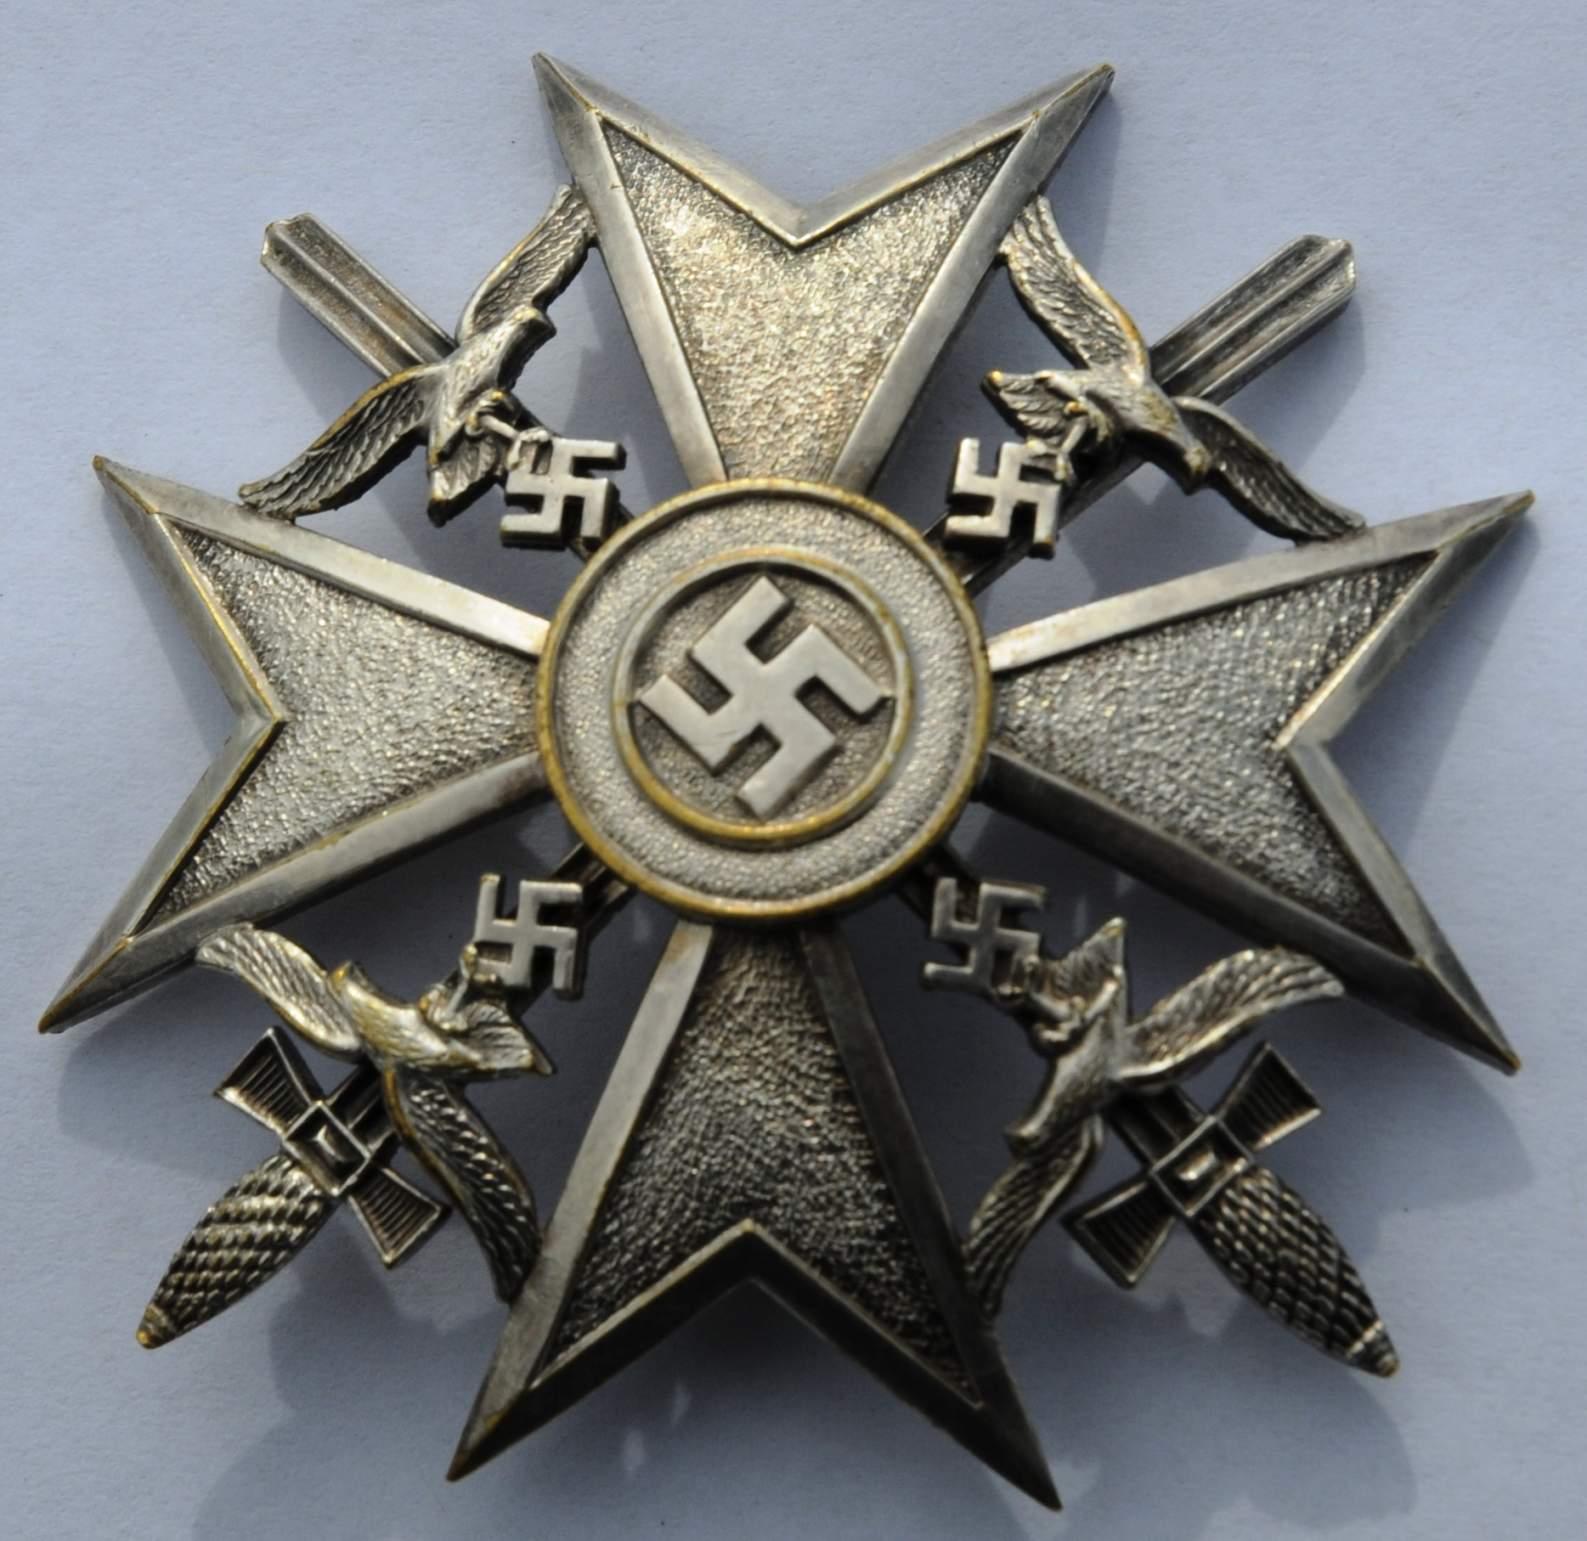 1133400d1511141264-spanienkreuz-silber-mit-schwerter-013 Verwunderlich Reich Werden Mit Silber Dekorationen